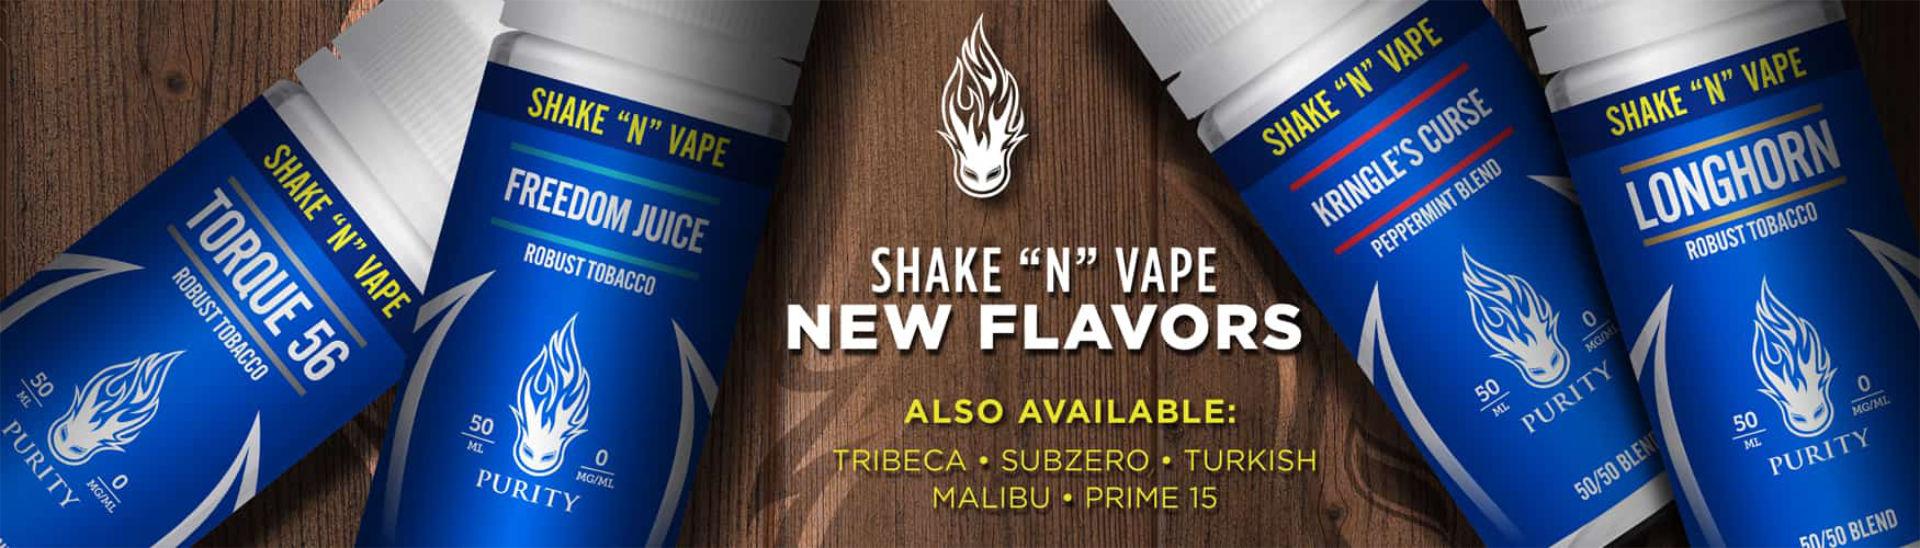 shake-n-vape-sliders-uk.jpg